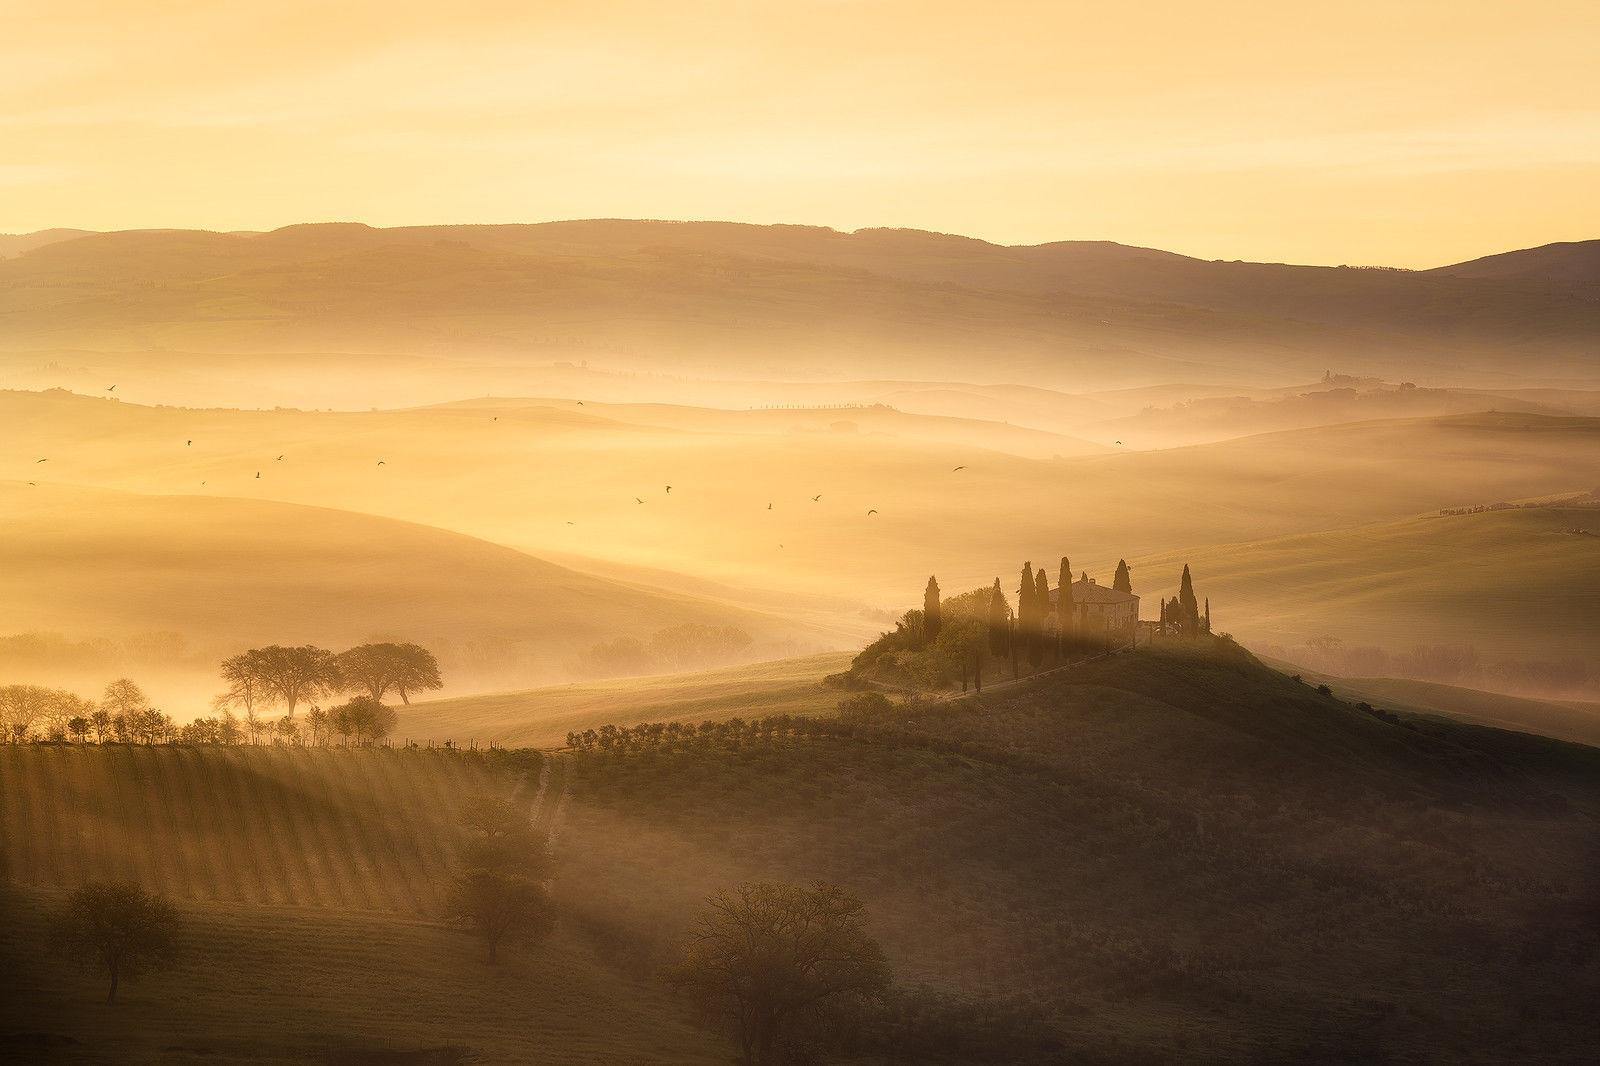 世界中の「おはよう」を集めた風景写真が美しい・・・